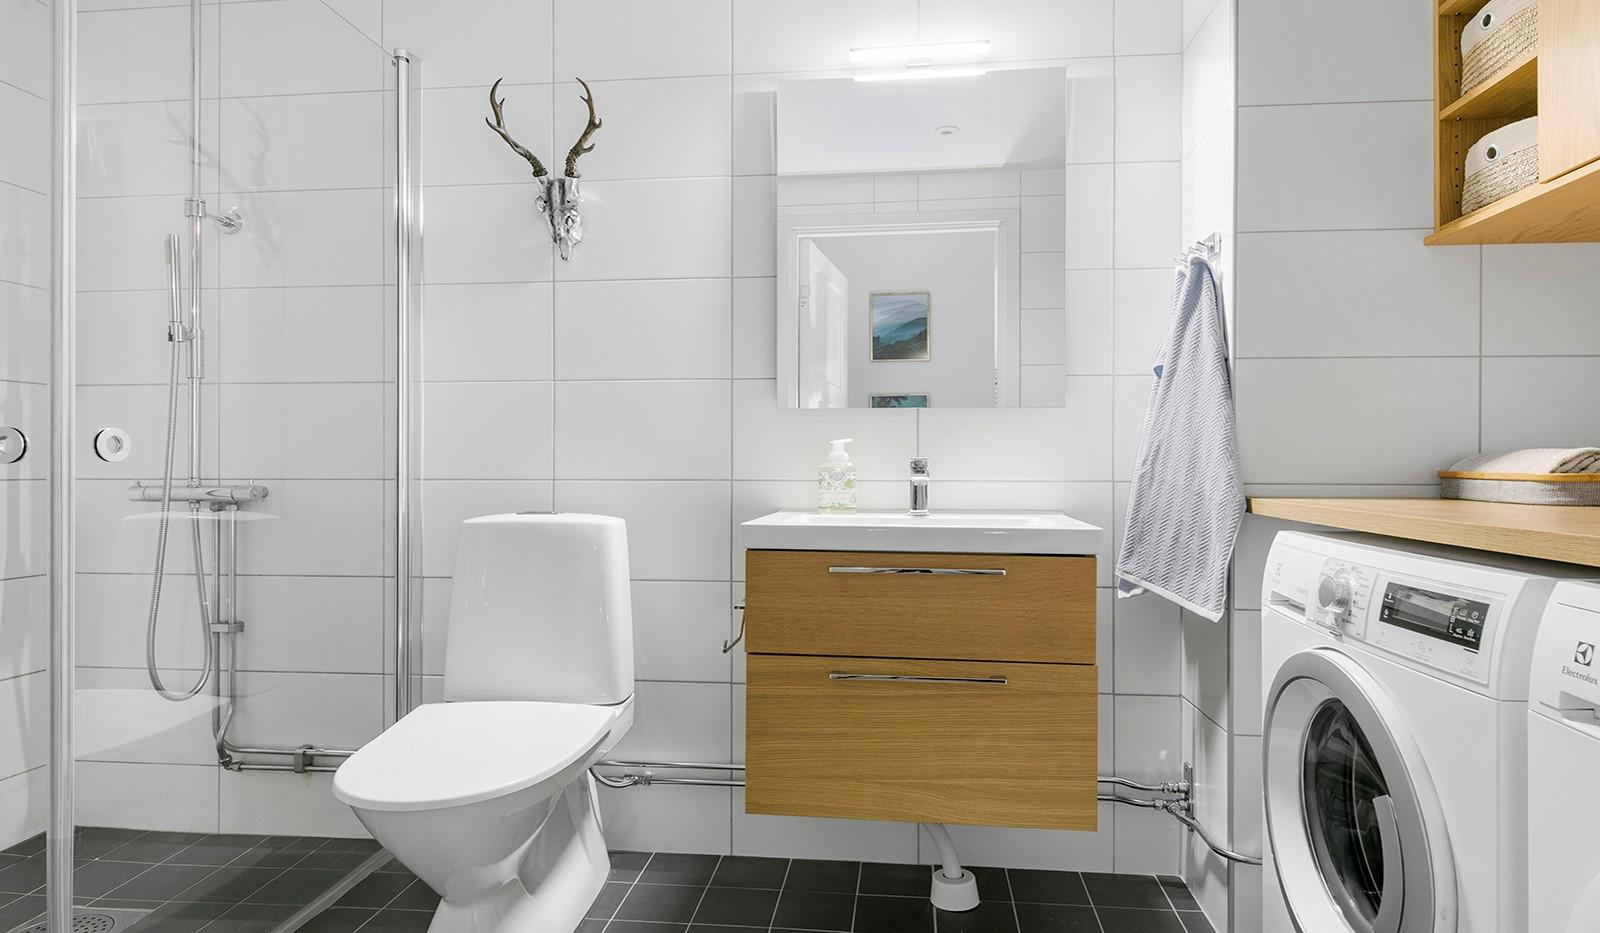 Sjöviksbacken 55, 4 tr - Stilrent inrett badrum